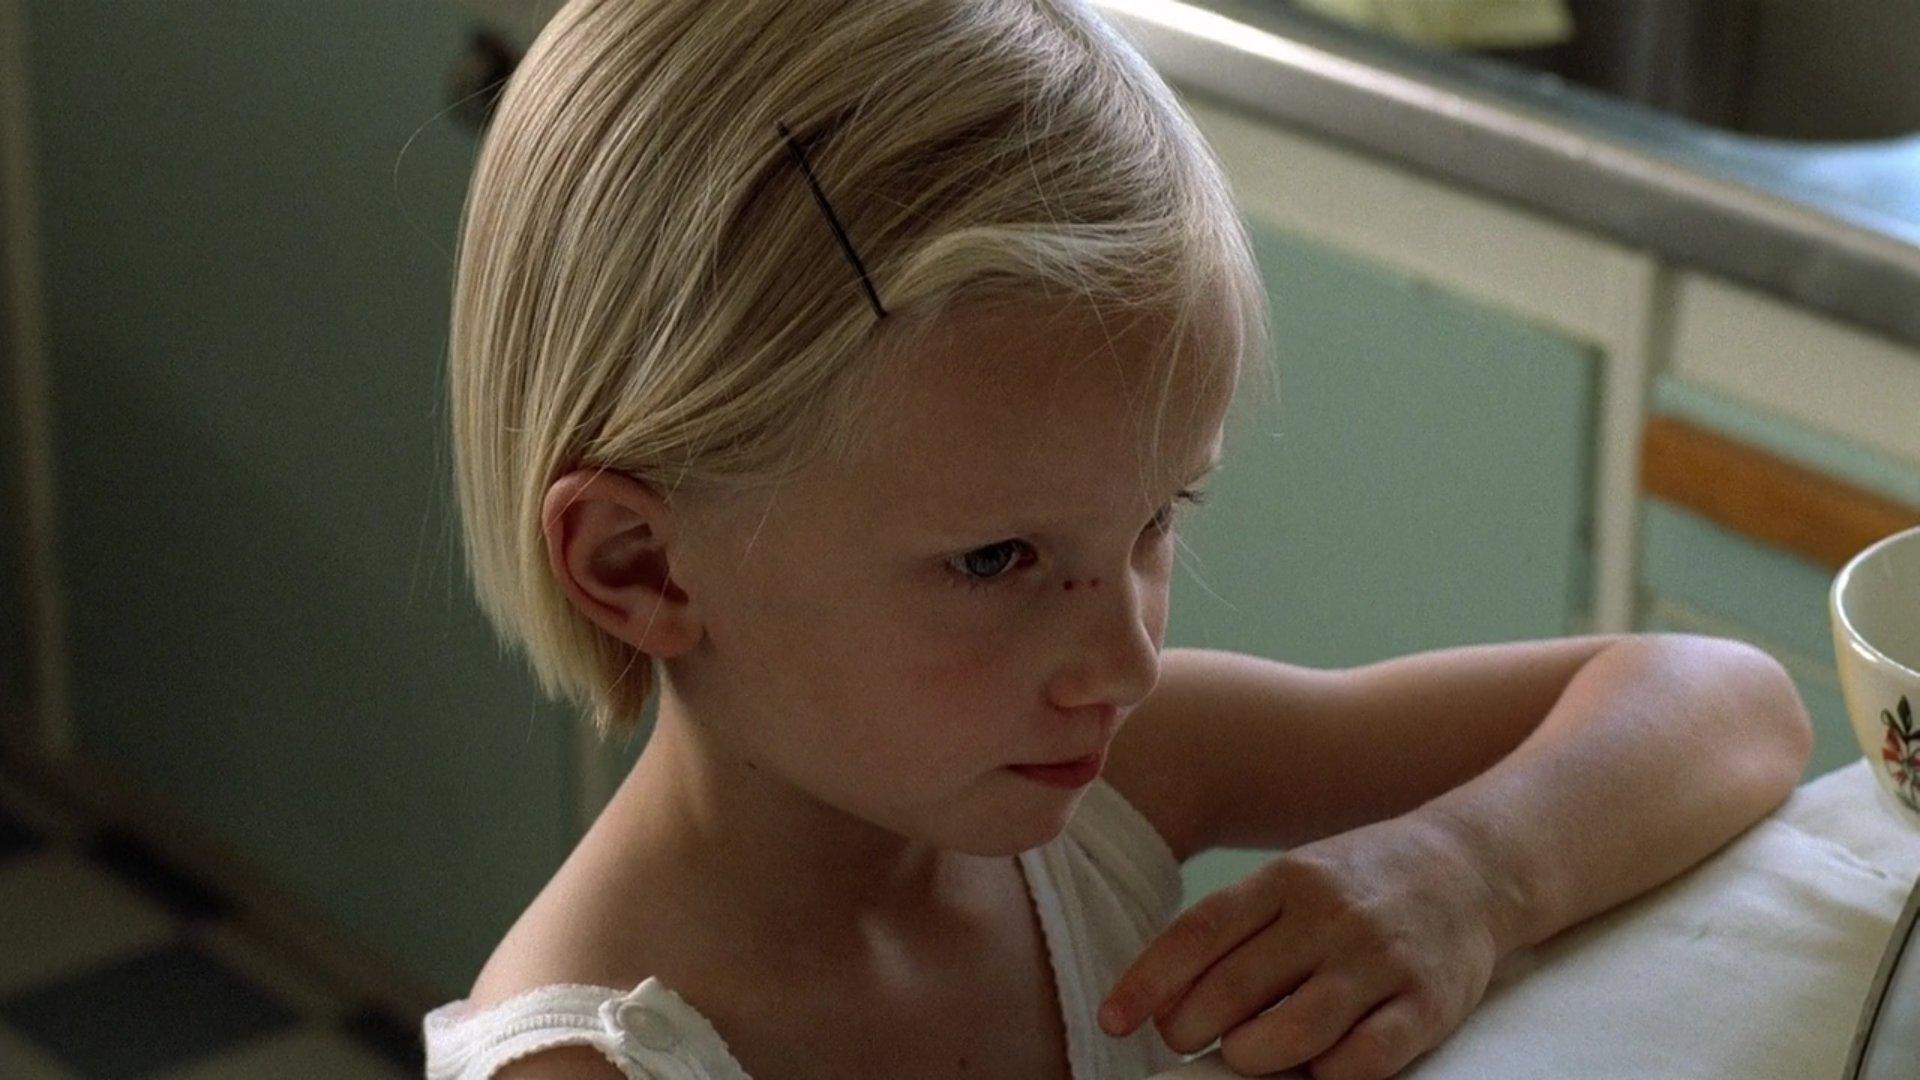 xxx-movies-little-girls-blonde-male